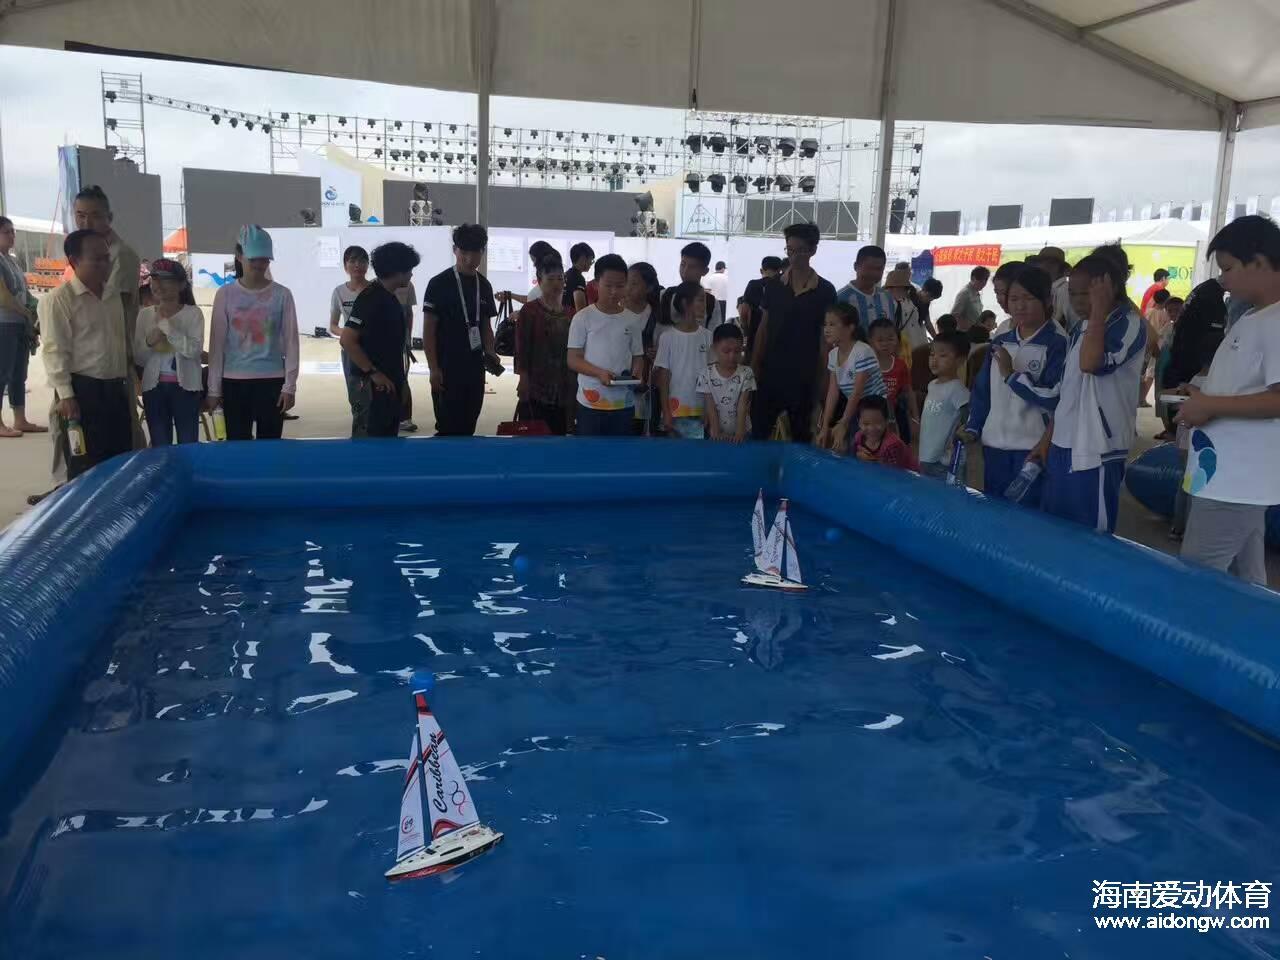 海帆赛:高水平赛事带动当地全民健身运动开展